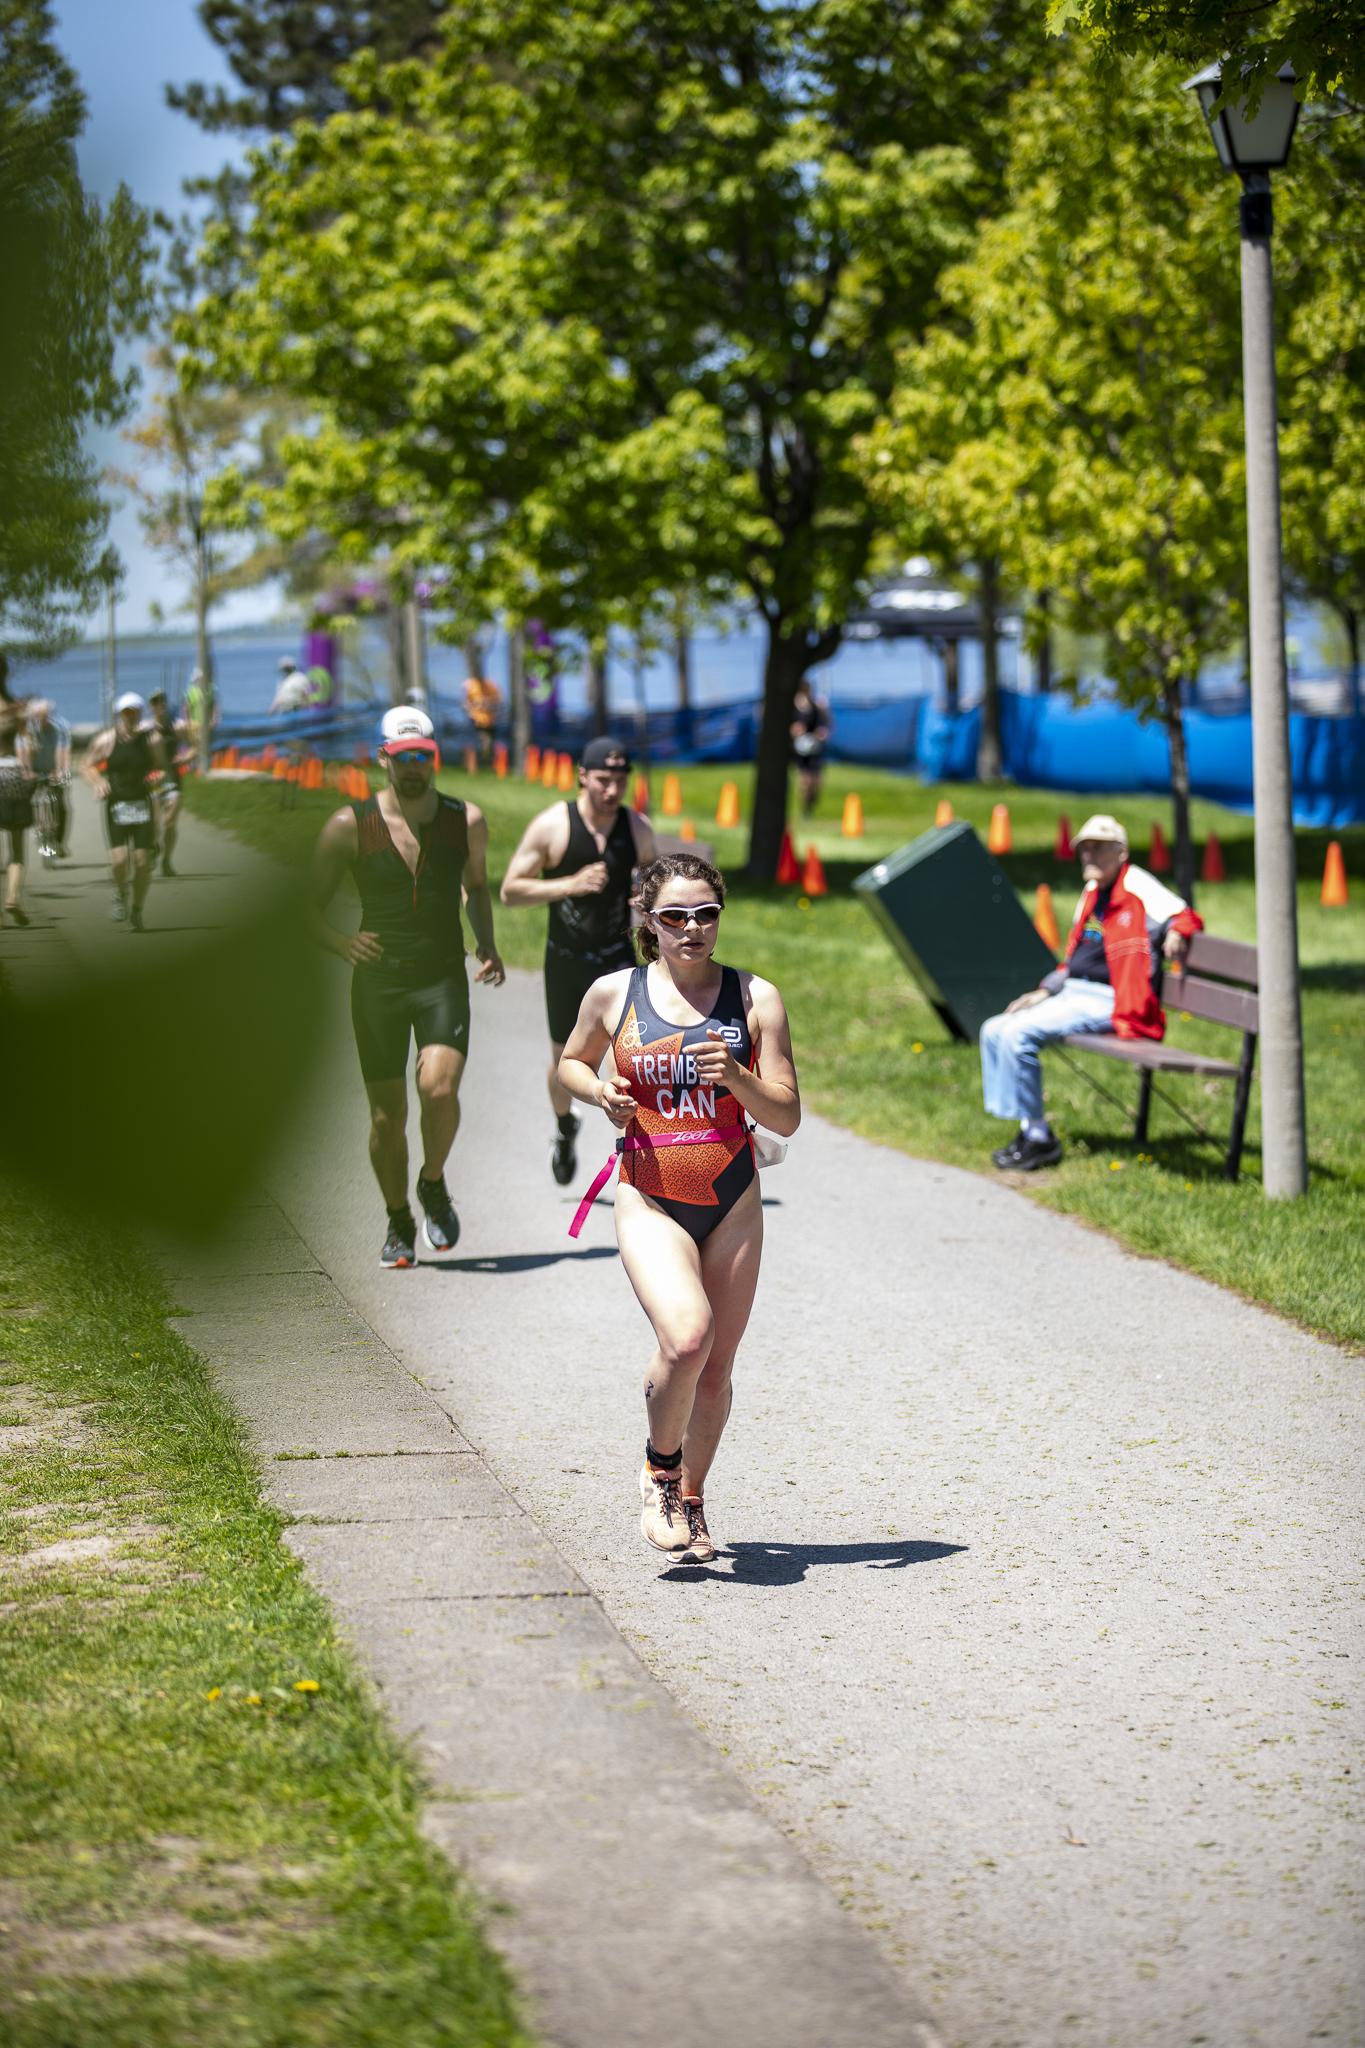 Emilie Tremblay - Somersault Olympic Triathlon - Britannia Beach - Reduced Edits - 08 Jun '19 - 11.JPG